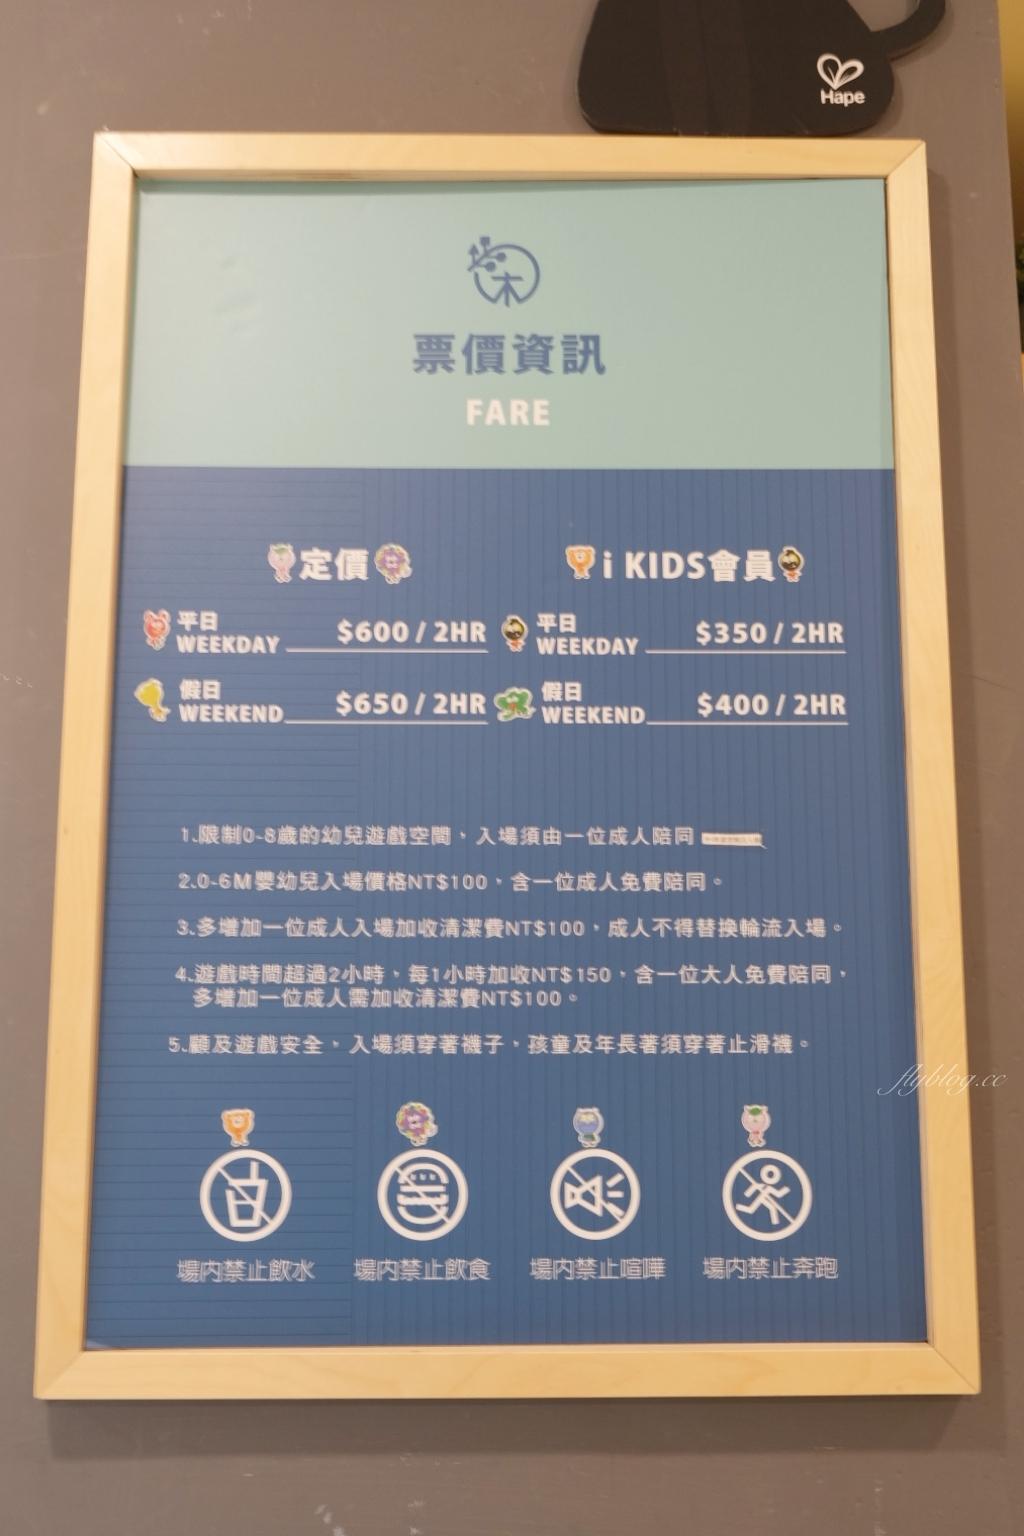 桃園喜來登酒店:無敵木樂地親子最愛,距離桃園機場10分鐘車程,提供Xpark接駁車接送 @飛天璇的口袋